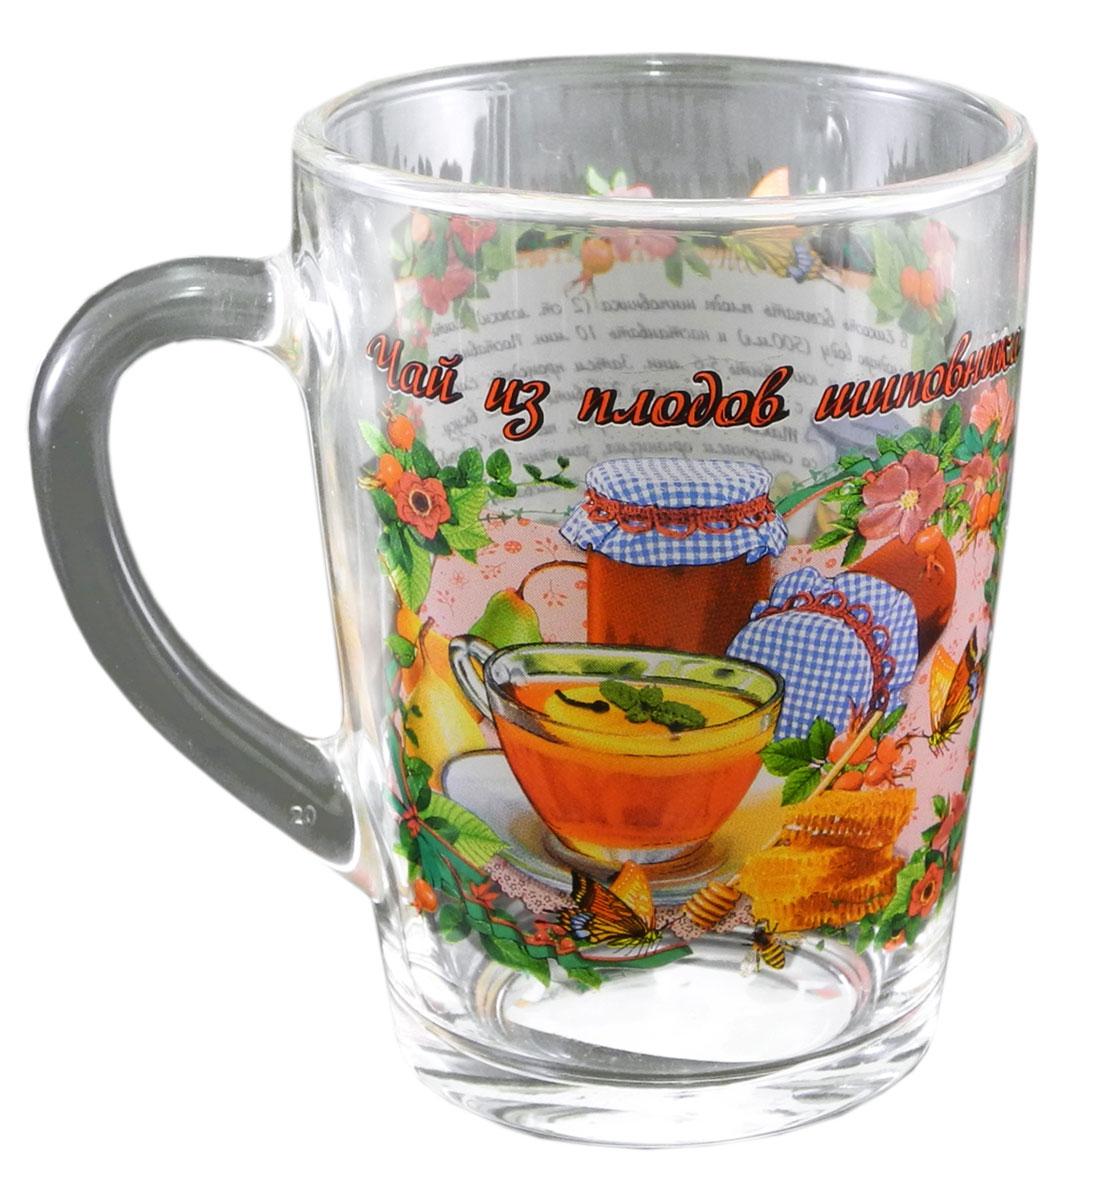 Кружка чайная Квестор Каппучино. Чай из плодов шиповника, 300 мл115510Кружка чайная Квестор Каппучино. Чай из плодов шиповника, 300 мл